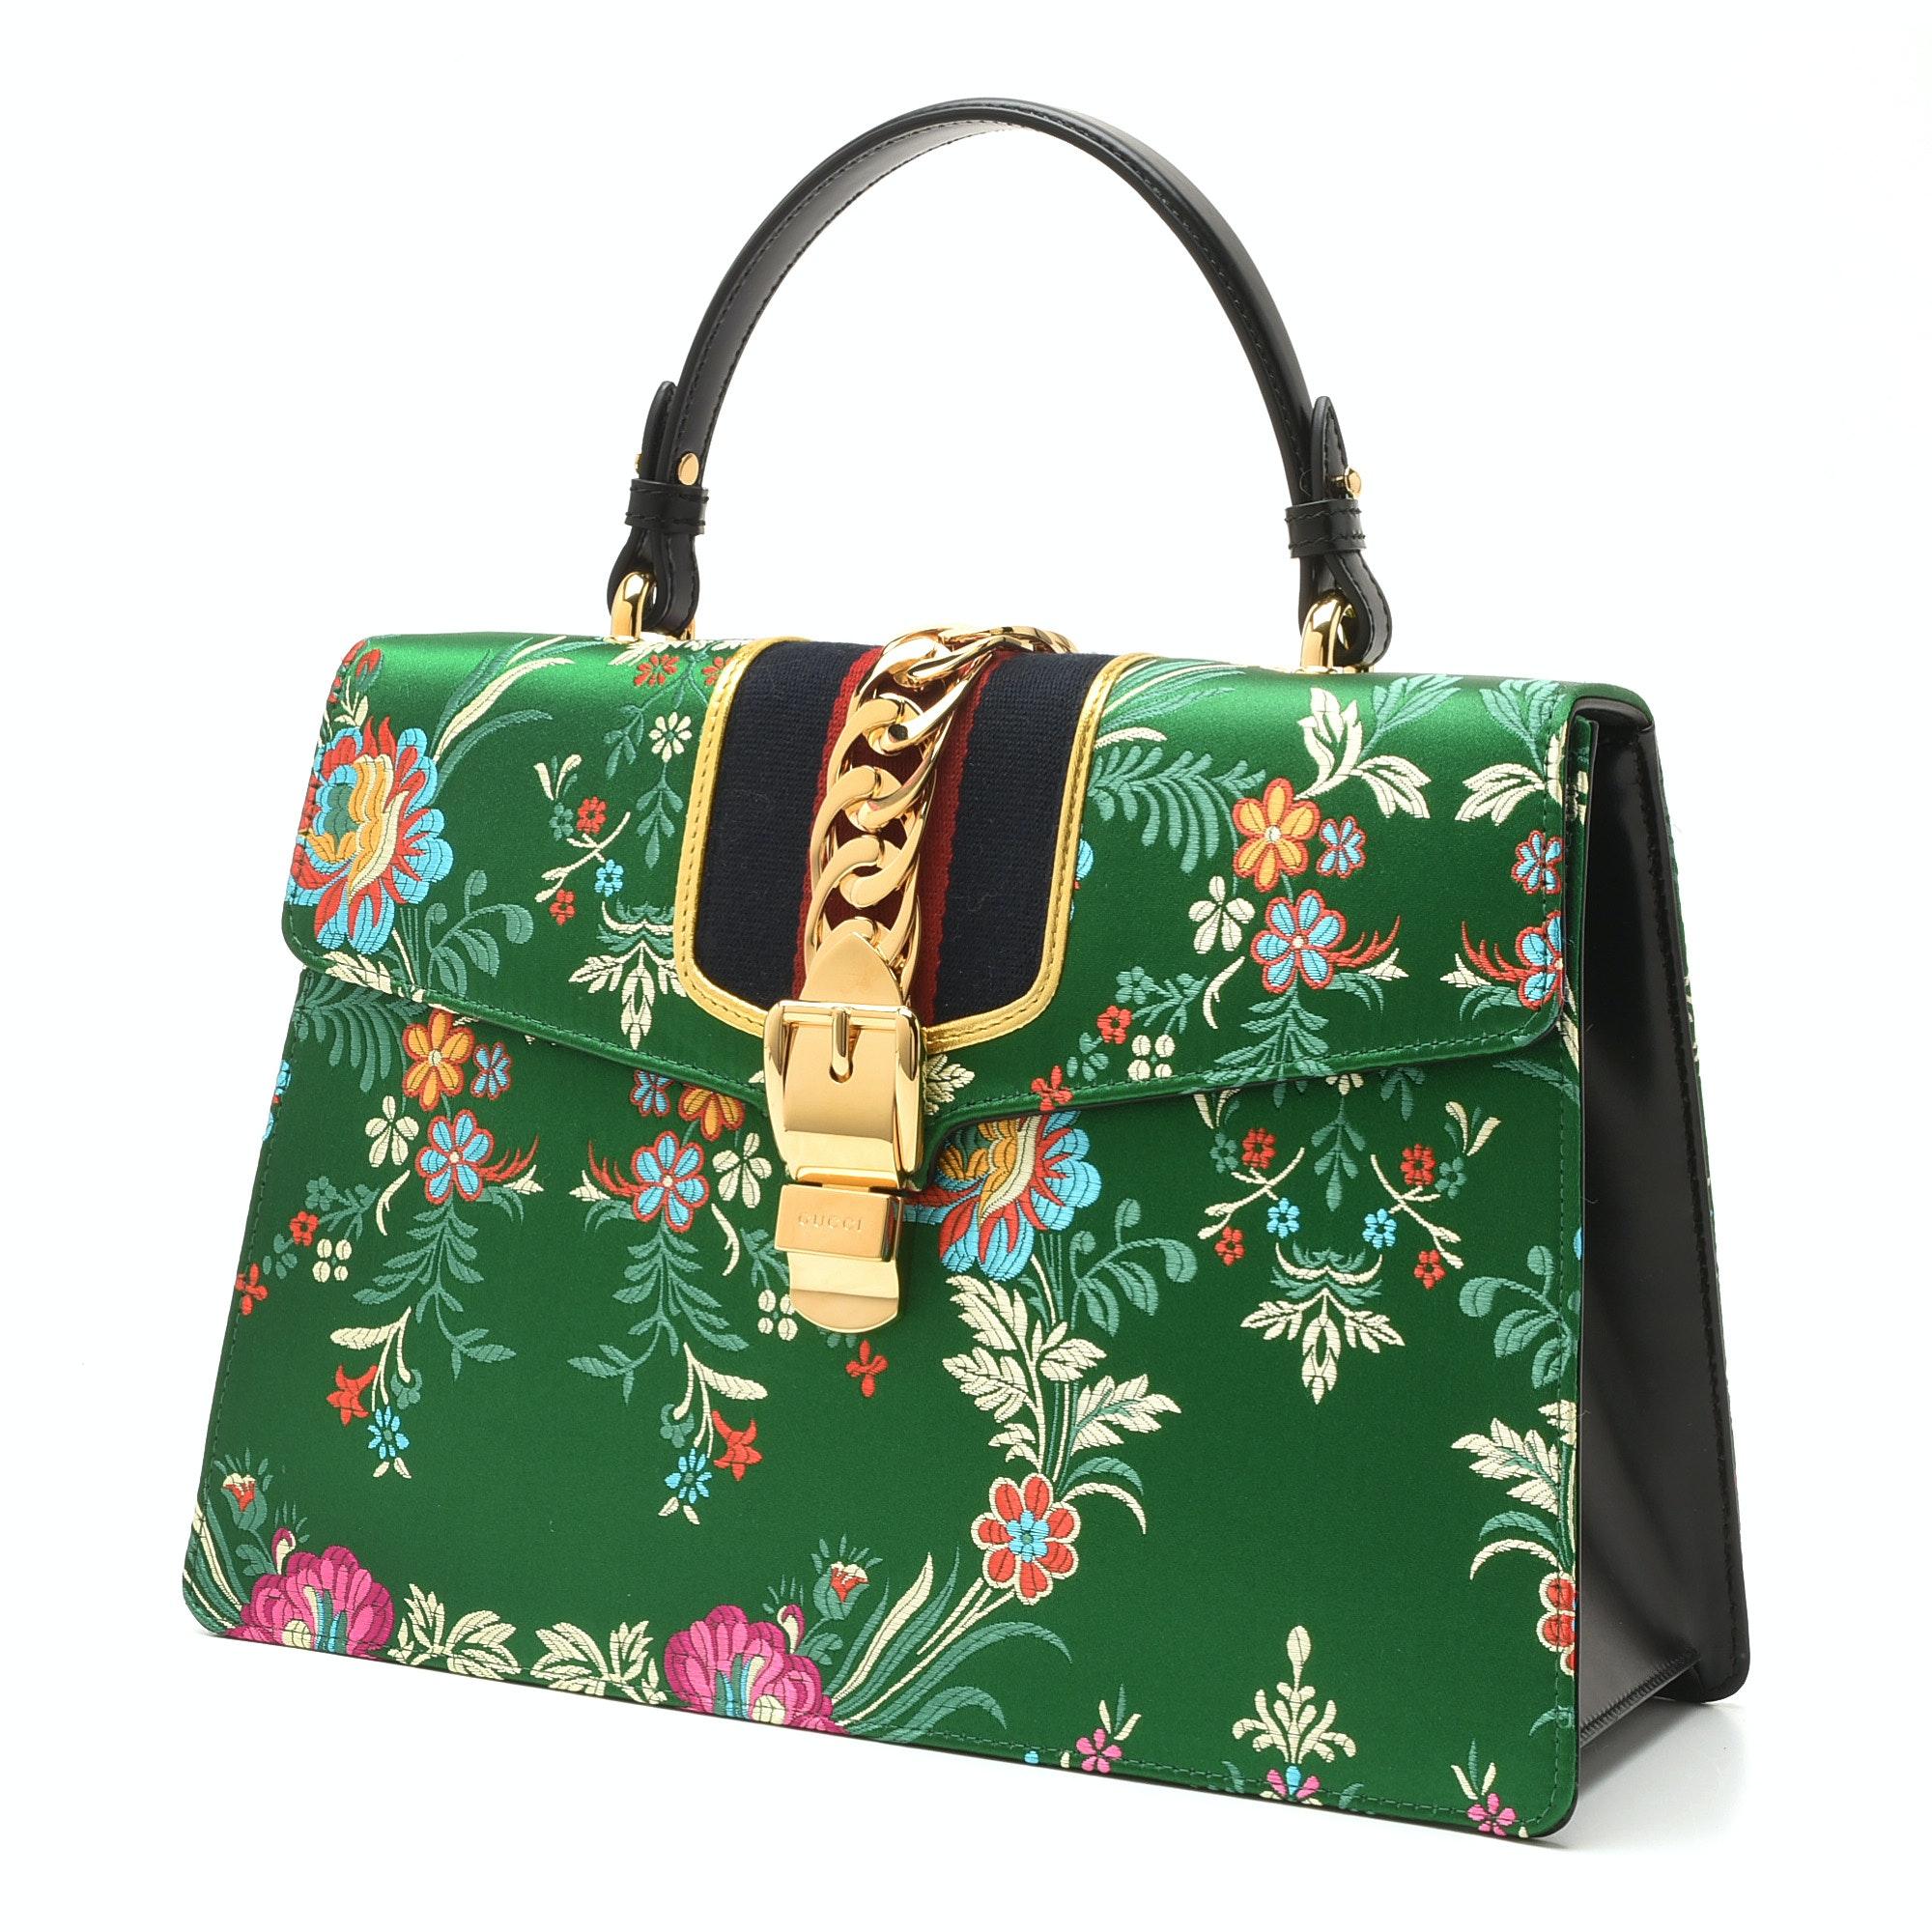 Gucci Sylvie Top-Handle Tokyo Green Multicolored Silk Floral Jacquard Handbag